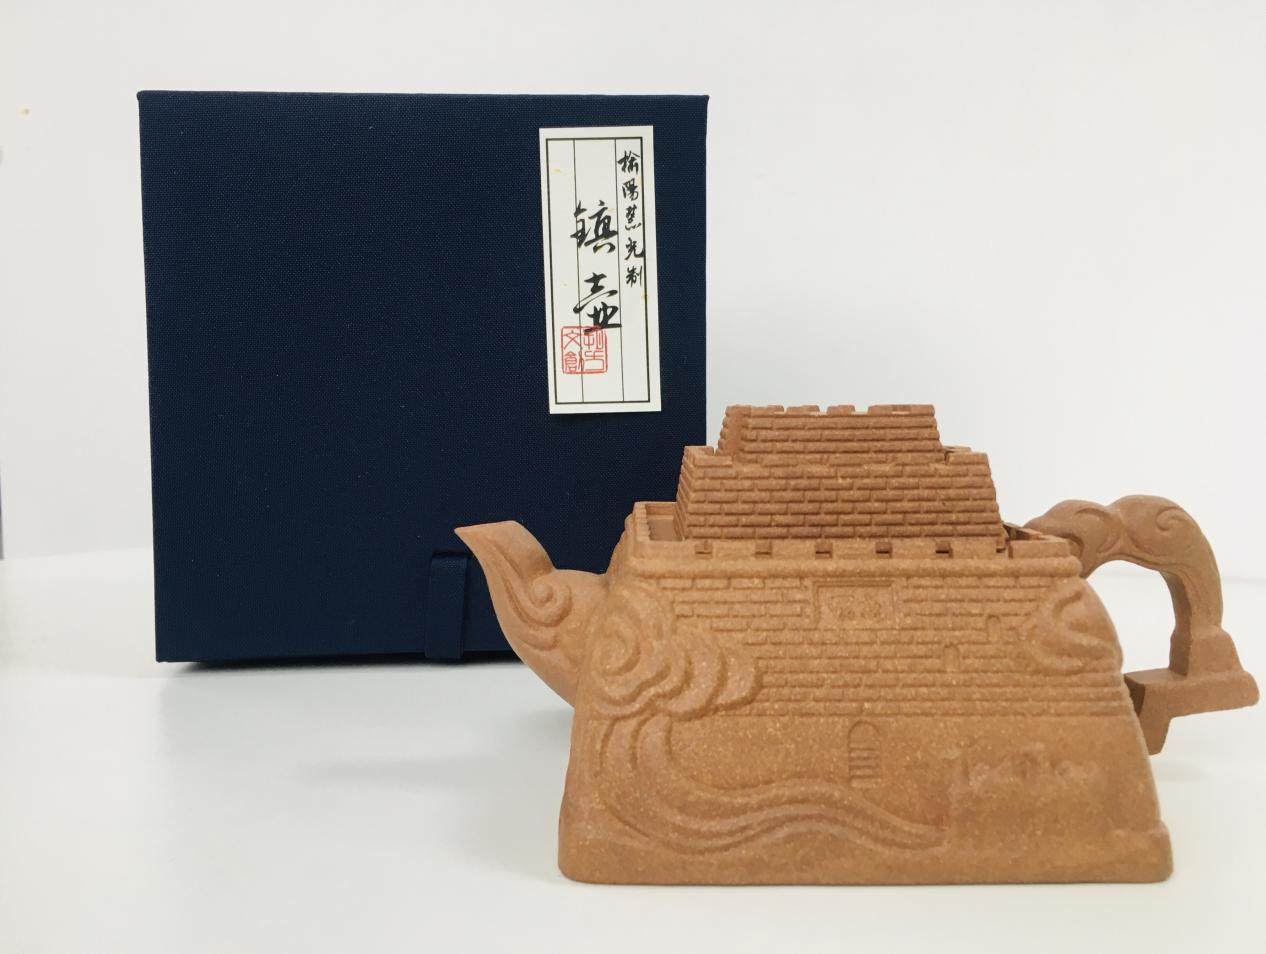 2019榆林文化创意设计大赛  101项命题集中发布